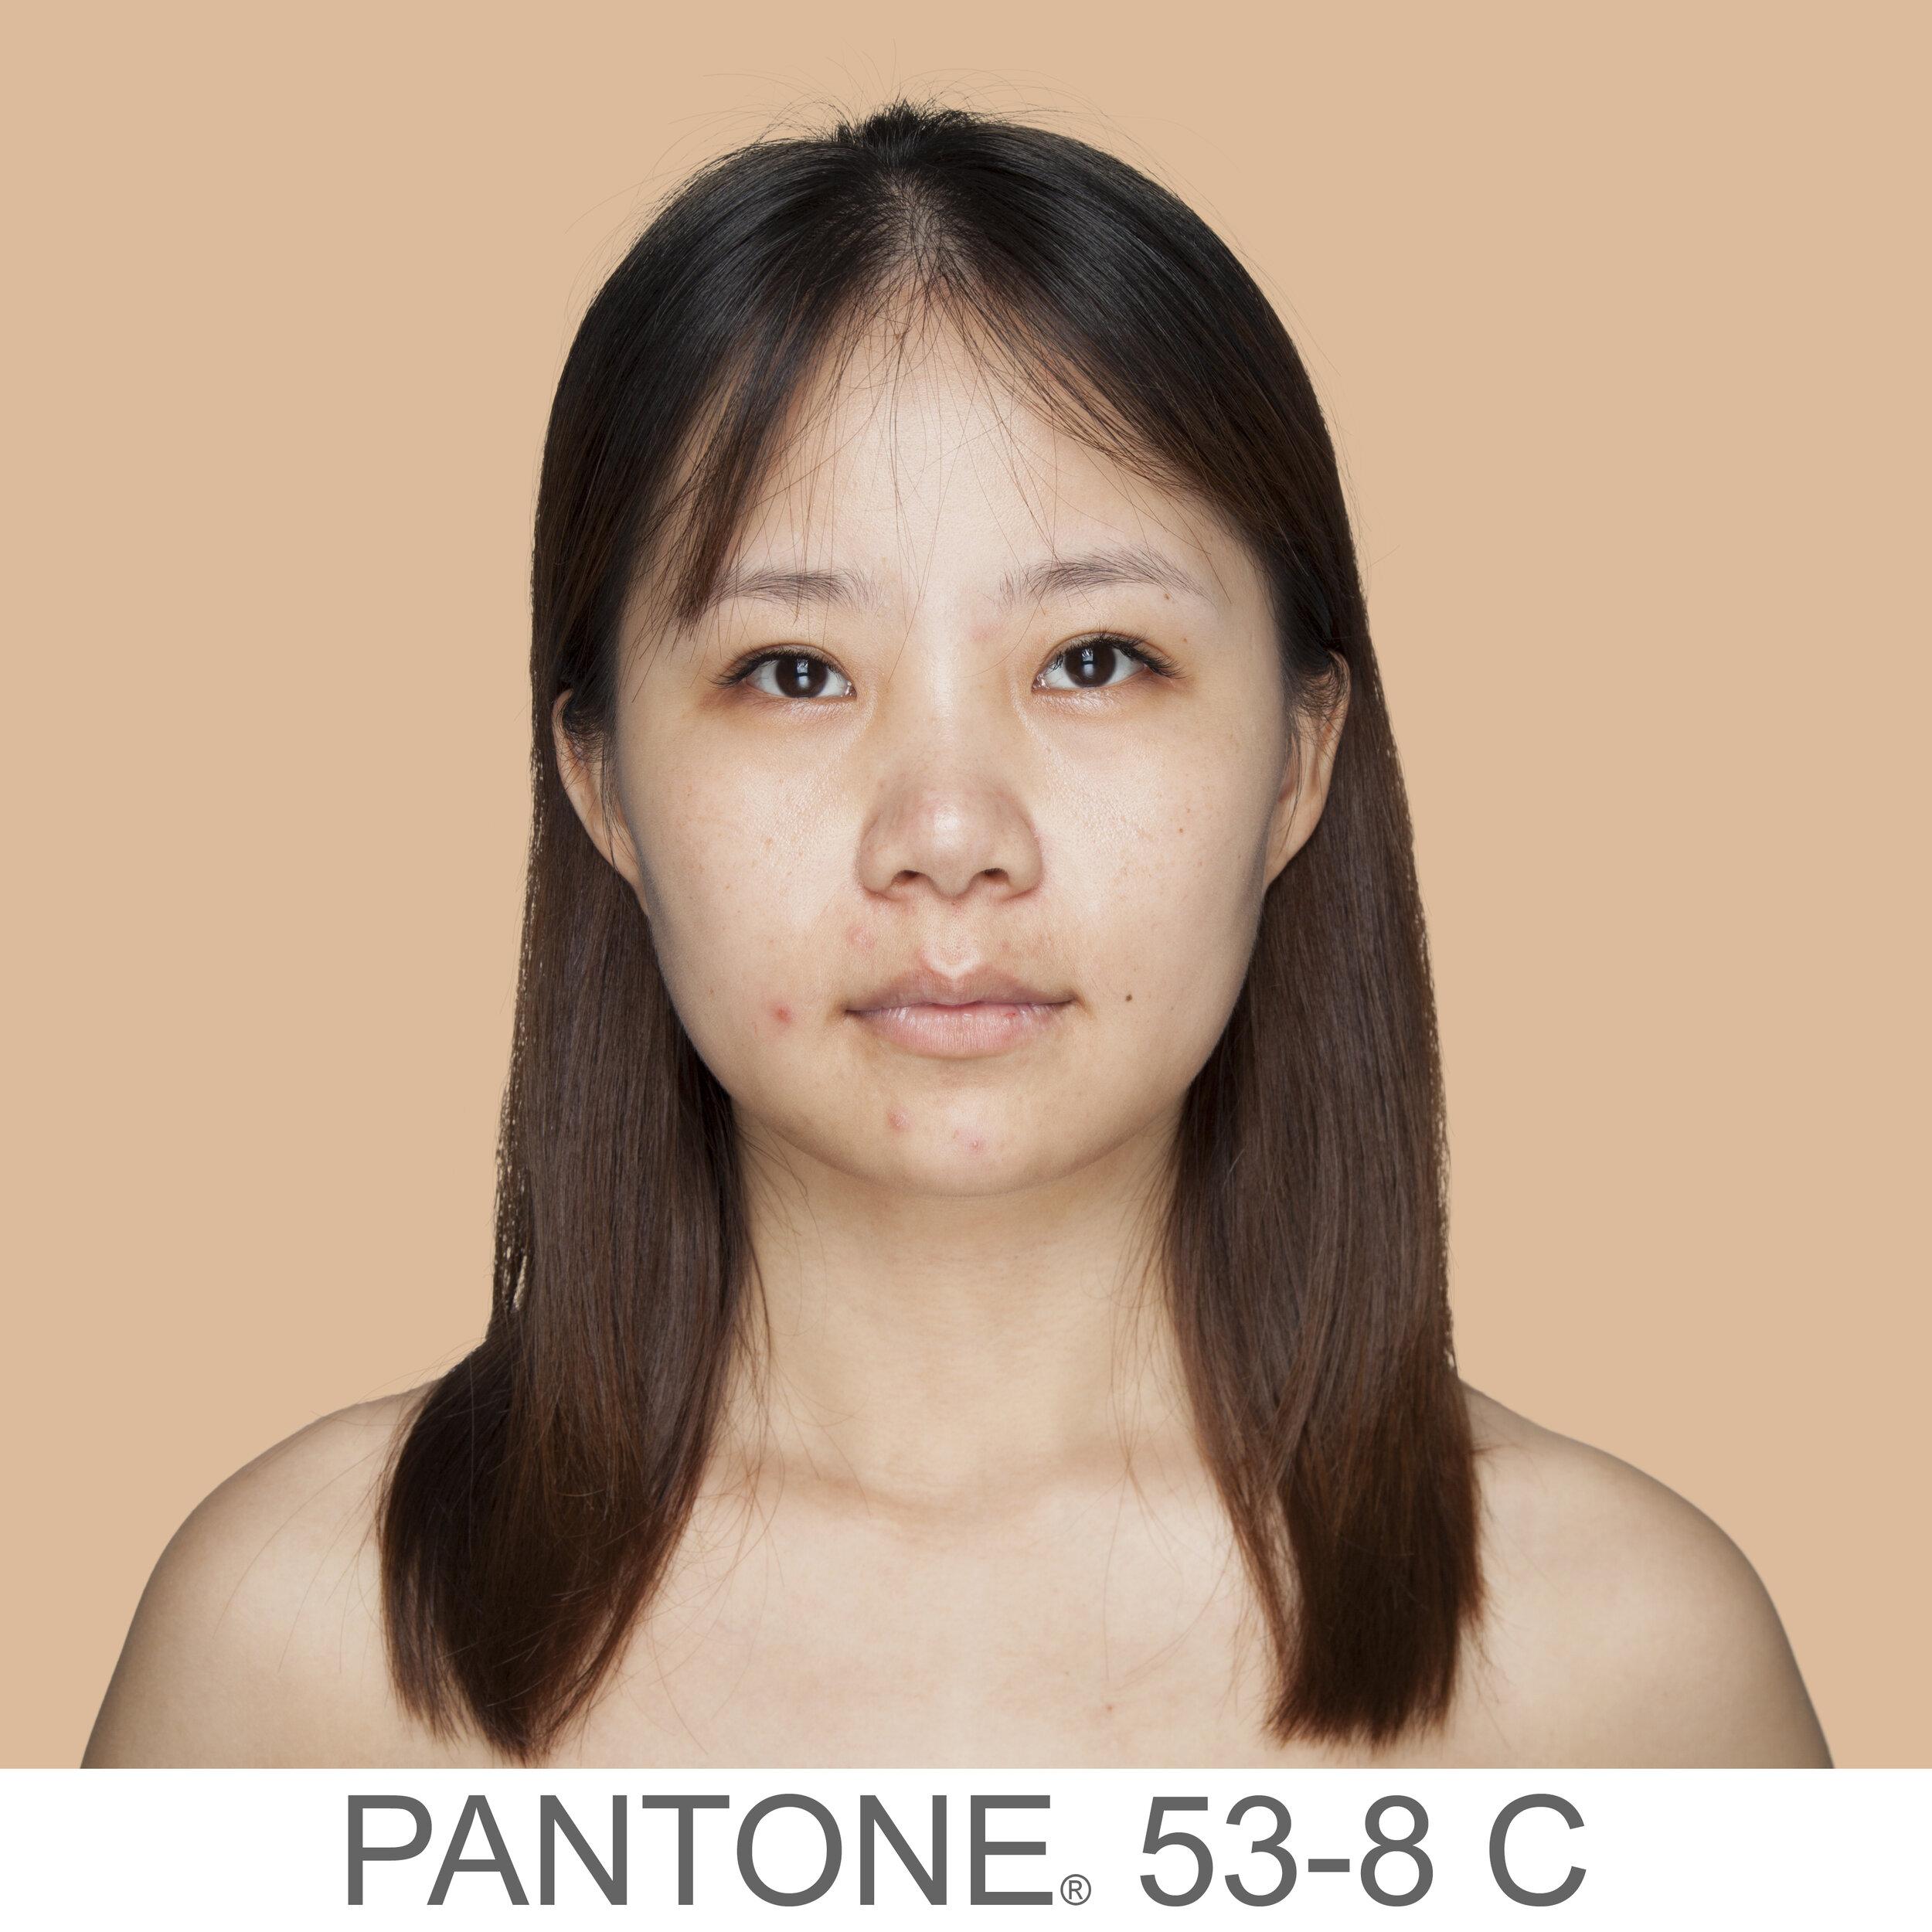 humanae 53-8 C CN copia.jpg